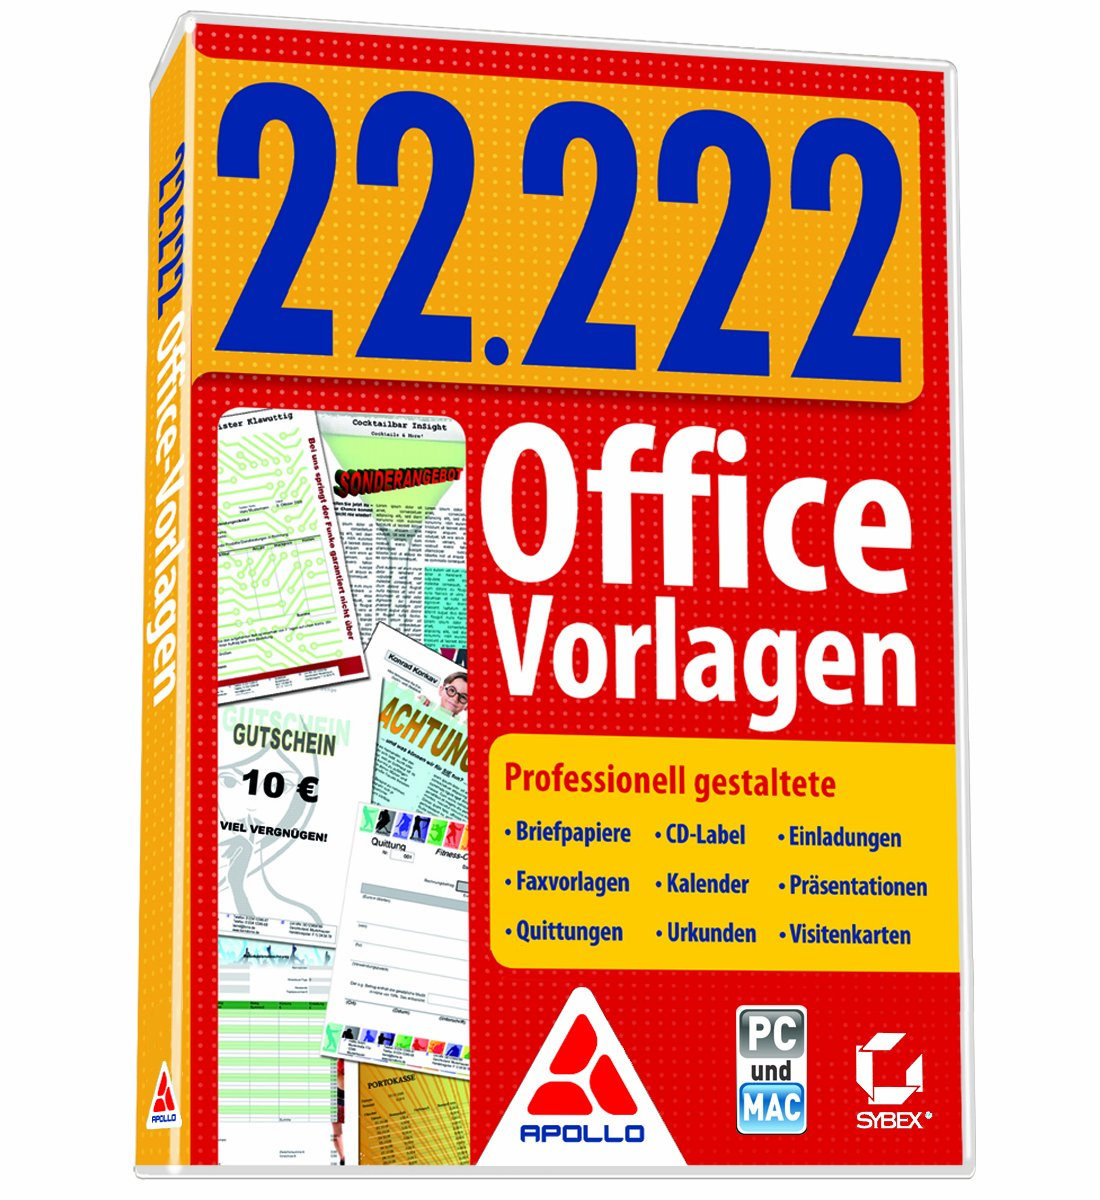 22.222 Office-Vorlagen: Amazon.de: Software